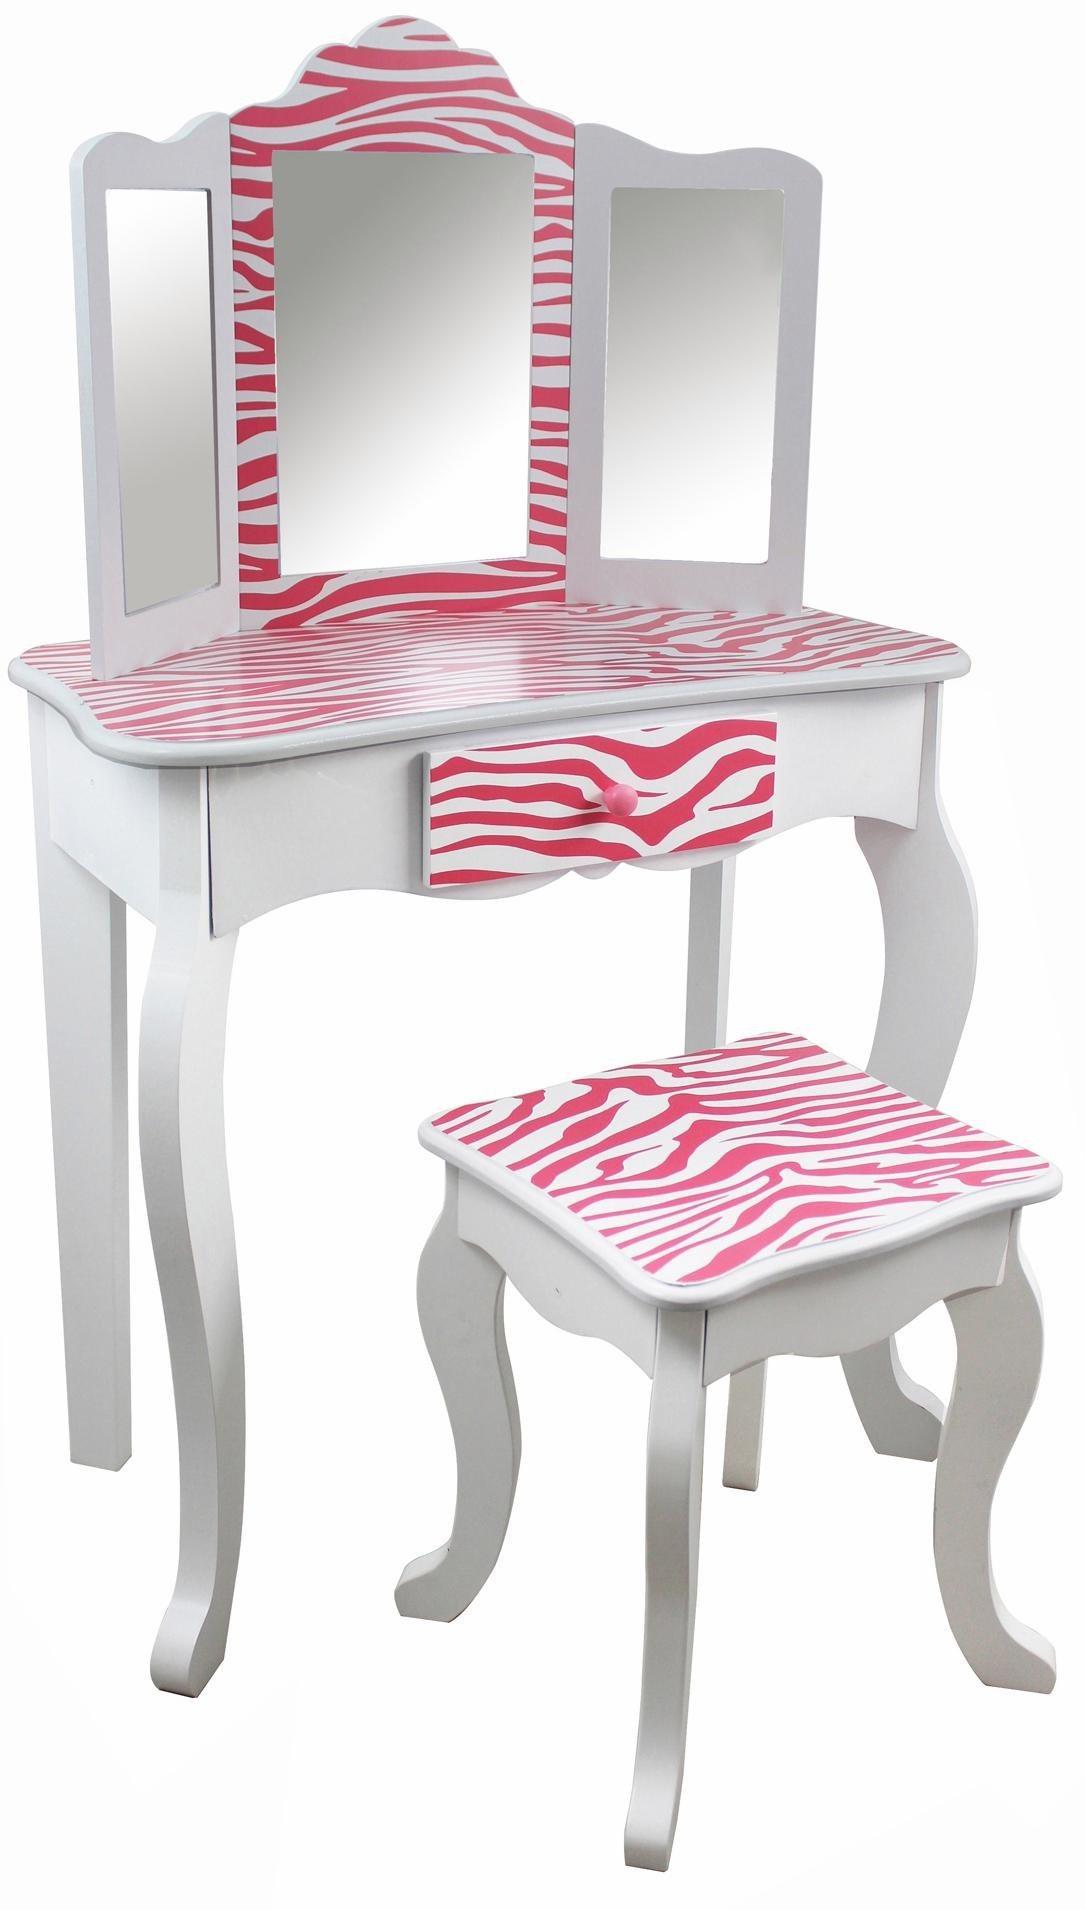 schreibtisch hocker kinder preisvergleich die besten. Black Bedroom Furniture Sets. Home Design Ideas